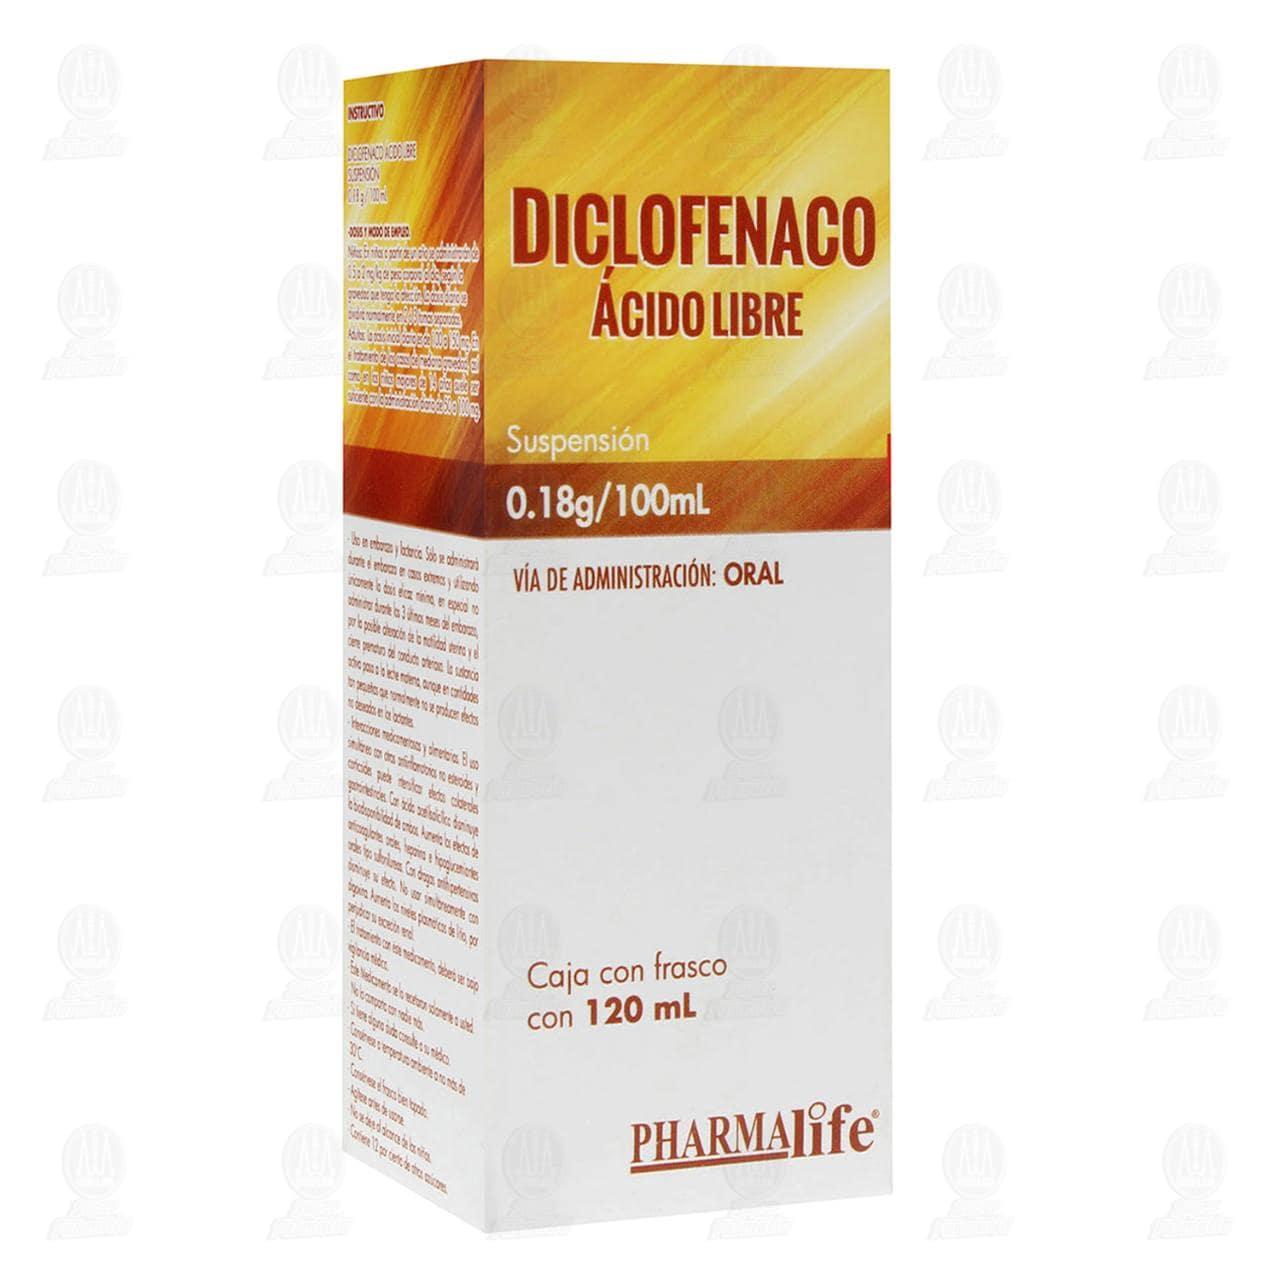 Comprar Diclofenaco Ácido Libre 0.18g/100ml 120ml Suspensión Pharmalife en Farmacias Guadalajara